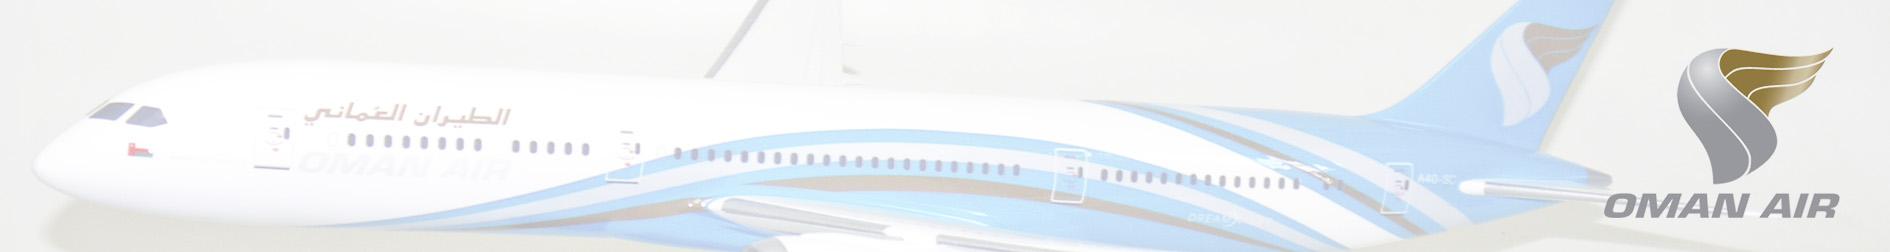 oman-airlines.jpg